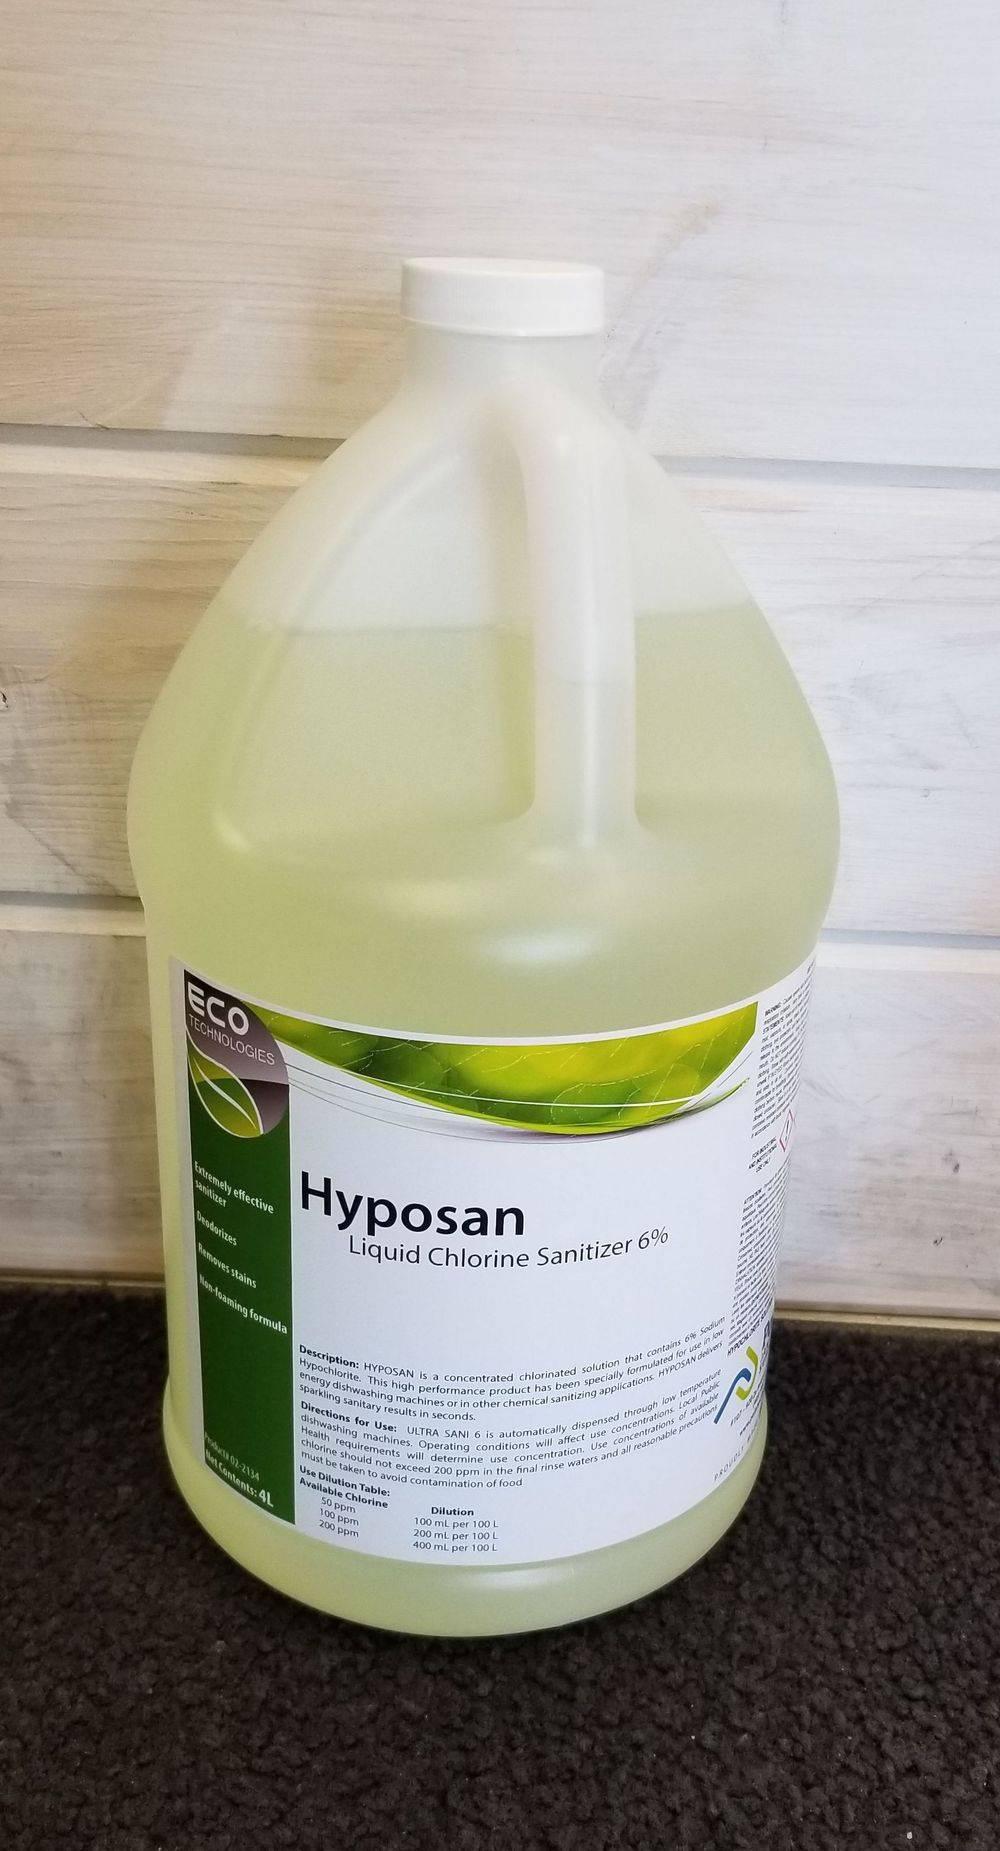 Hyposan 6% Hypochlorite